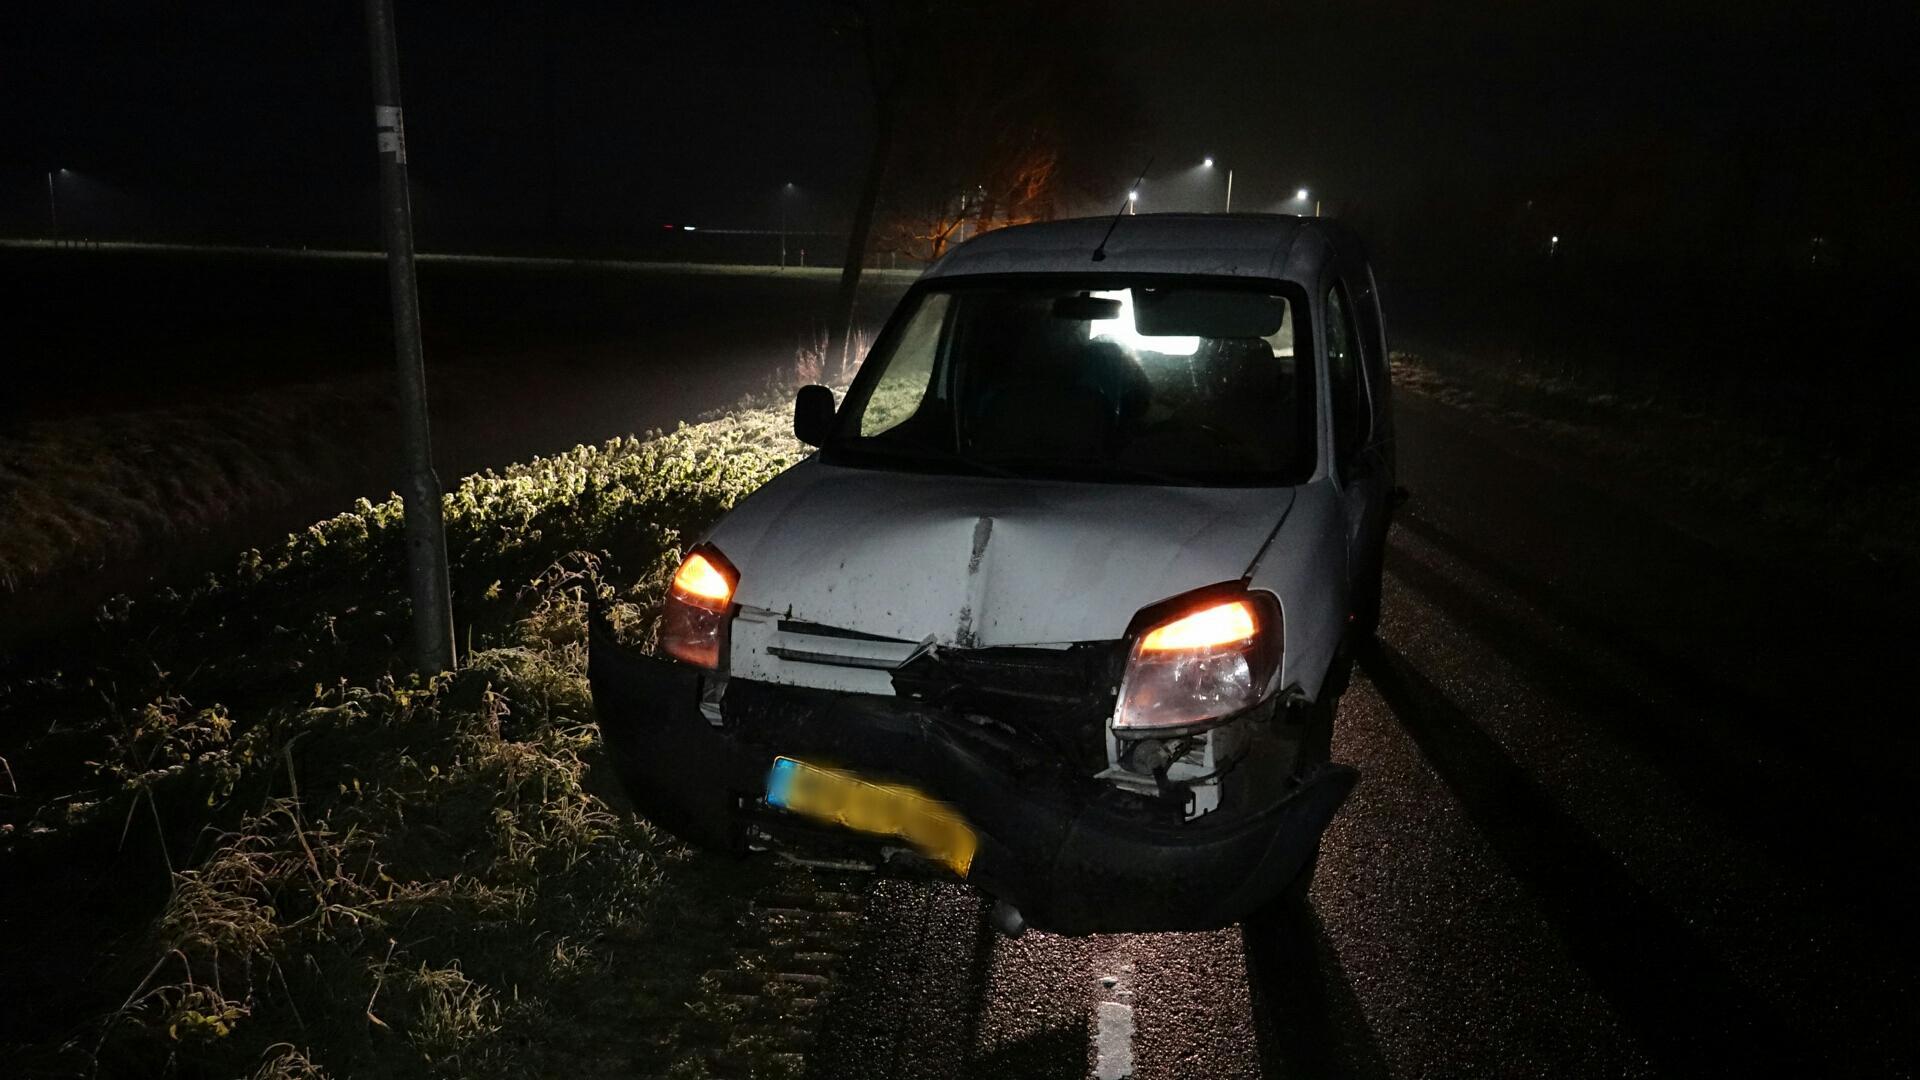 Getuige pakt sleutels af van bestuurder beschadigde bestelbus, die in Westwoud 'onvindbare' lantaarnpaal geramd zou hebben. 'De eerste goede daad van het jaar' (update)